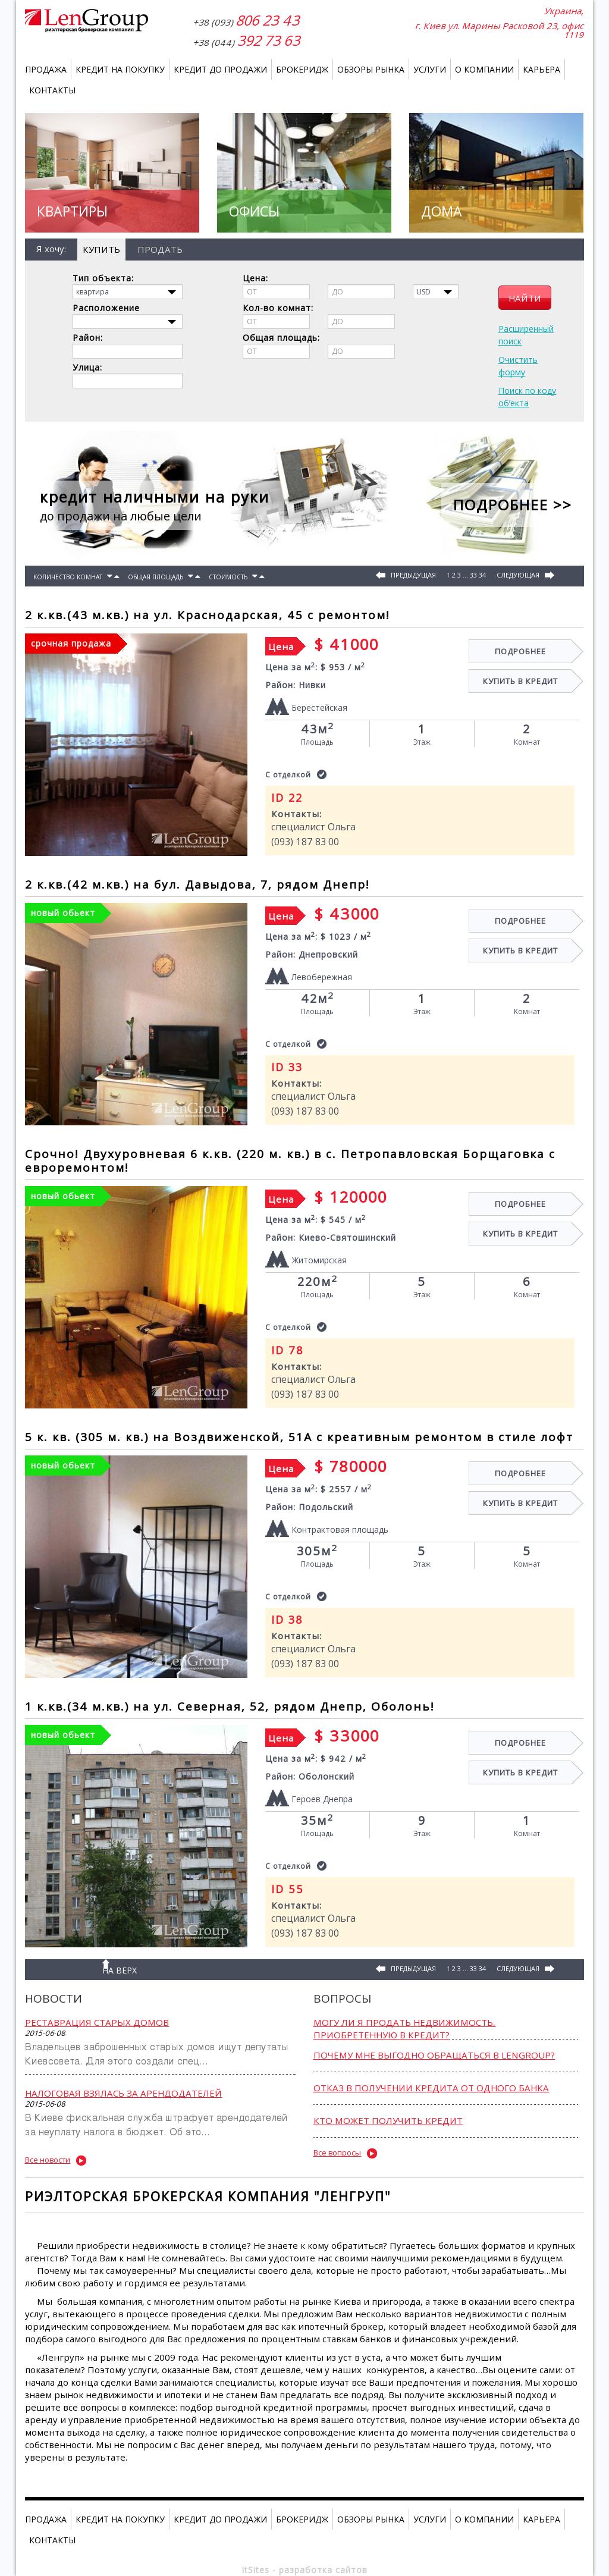 http://lengroup.com.ua/